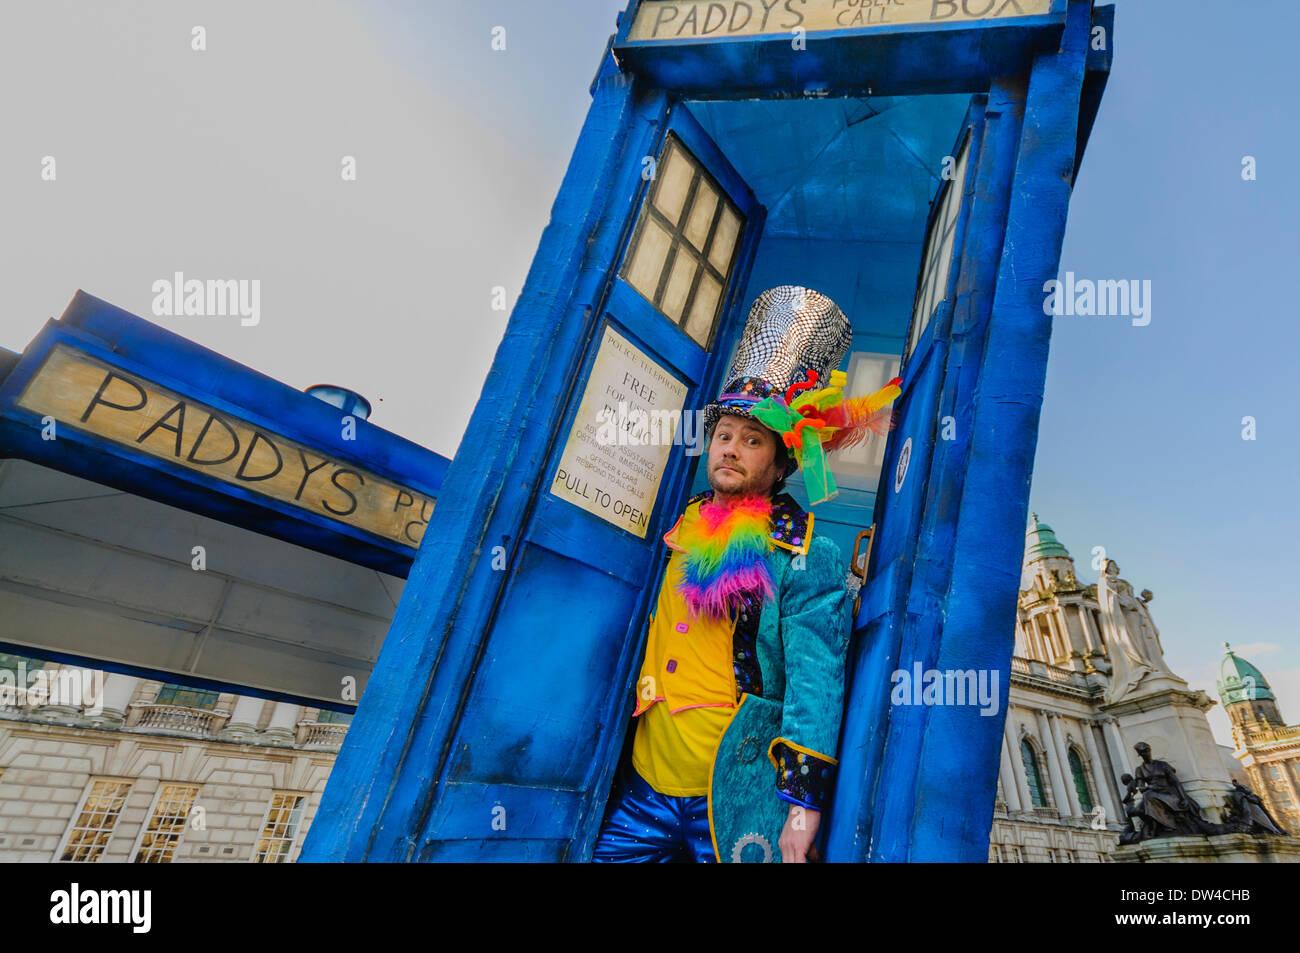 Un uomo vestito in abiti colorati emerge da un  Tardis  a un il giorno di  San Patrizio evento 02444606e19